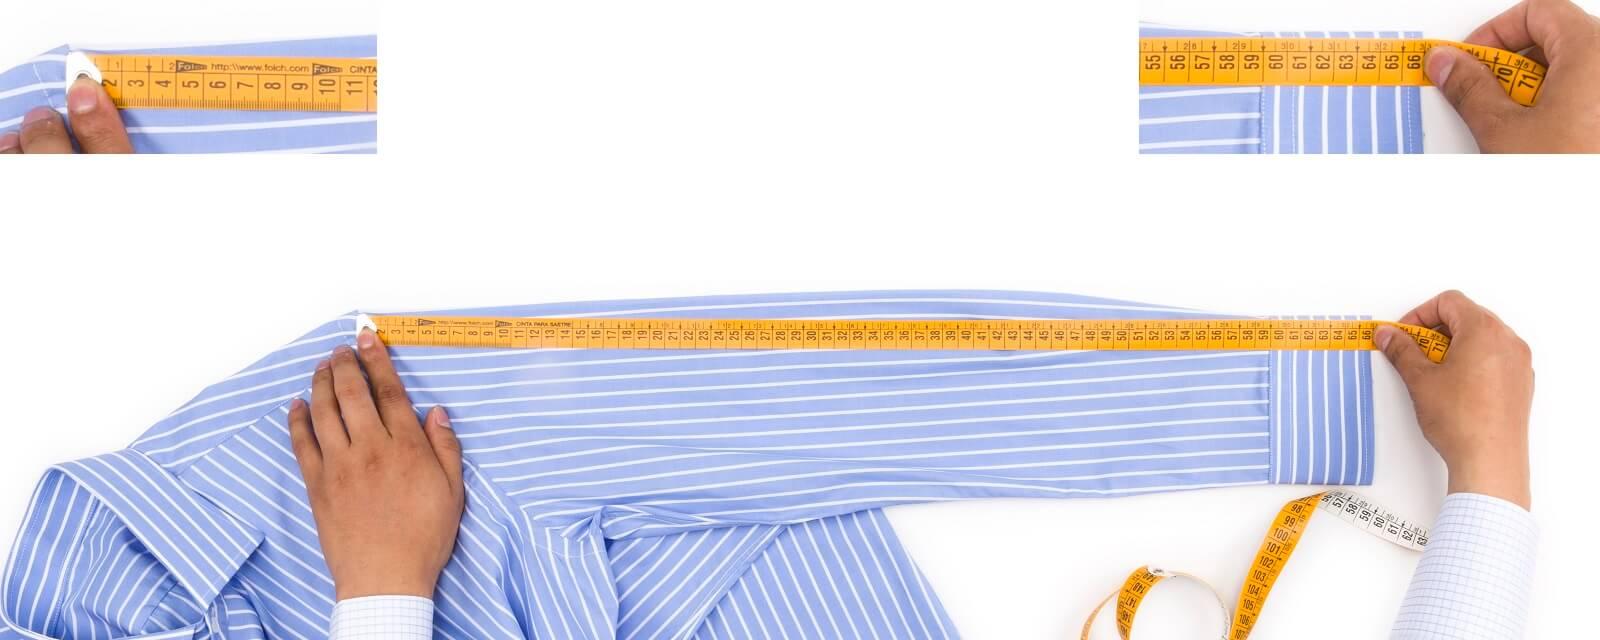 Como medir el largo de manga de una camisa